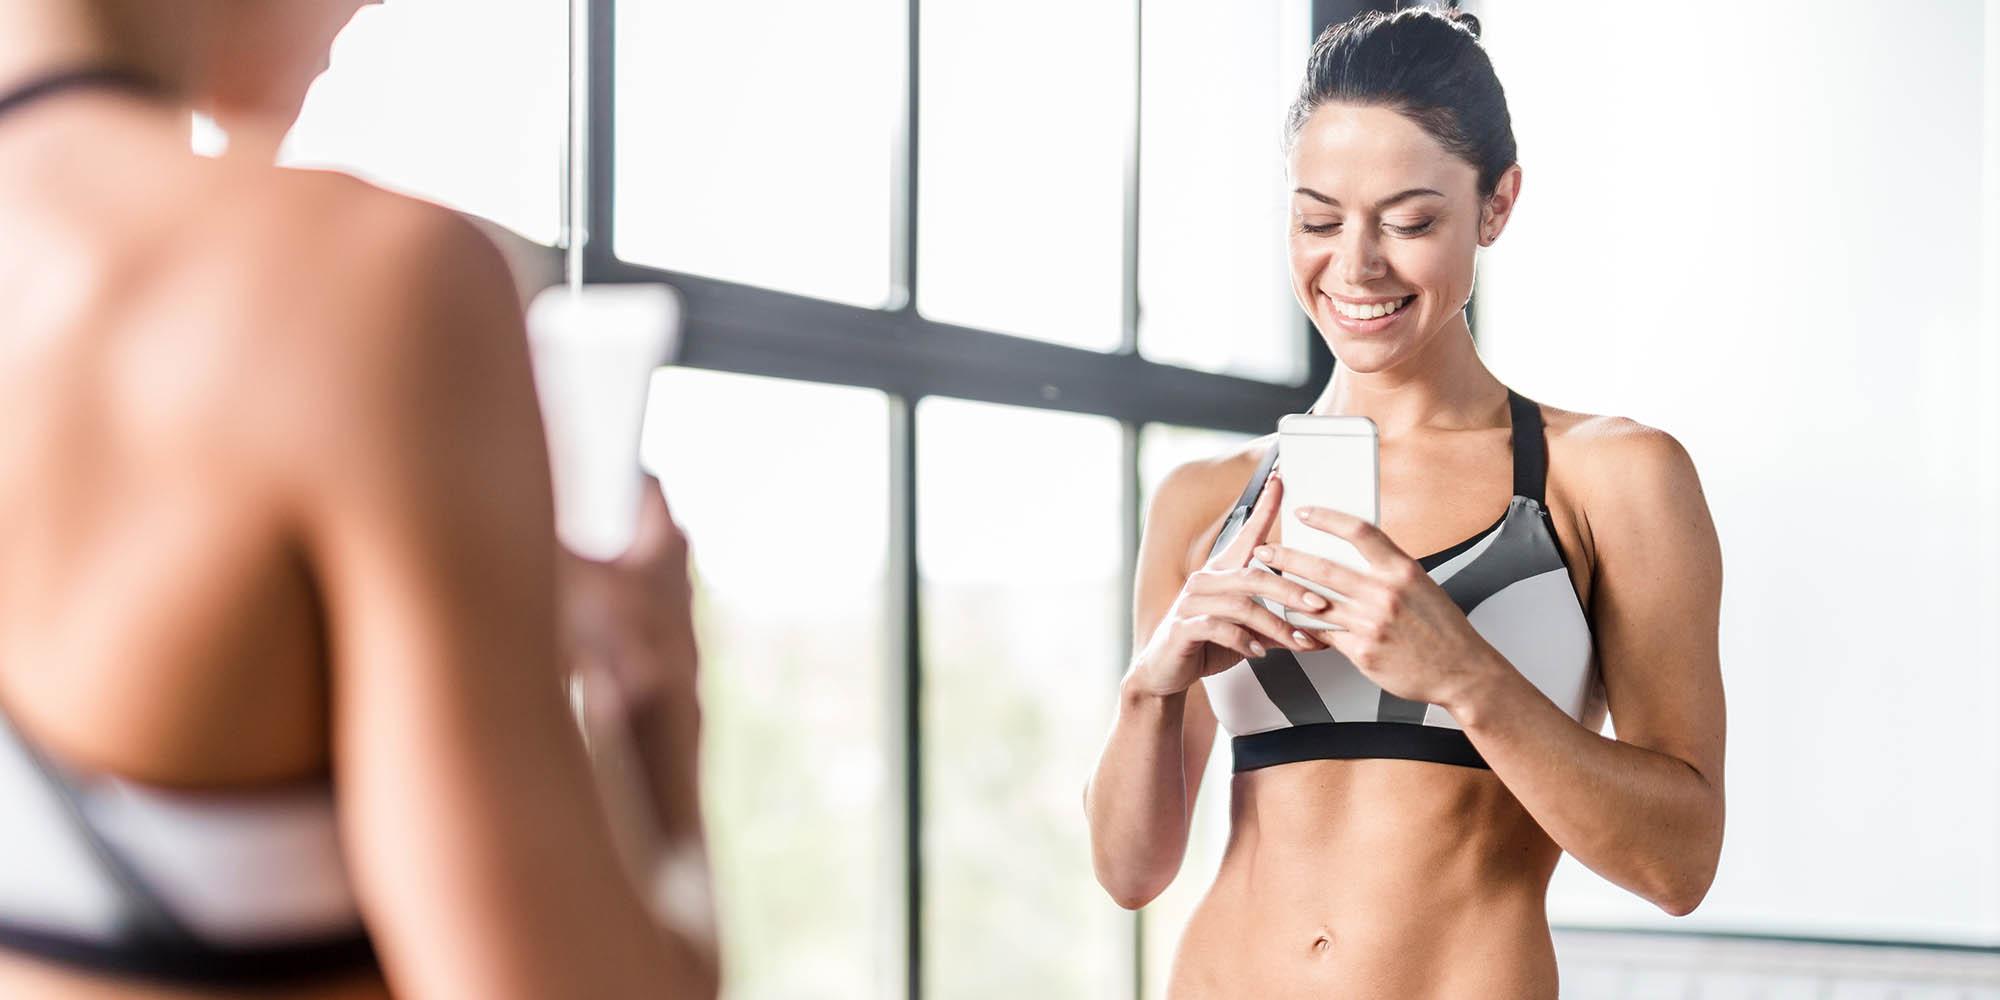 accountability - taking gym selfie